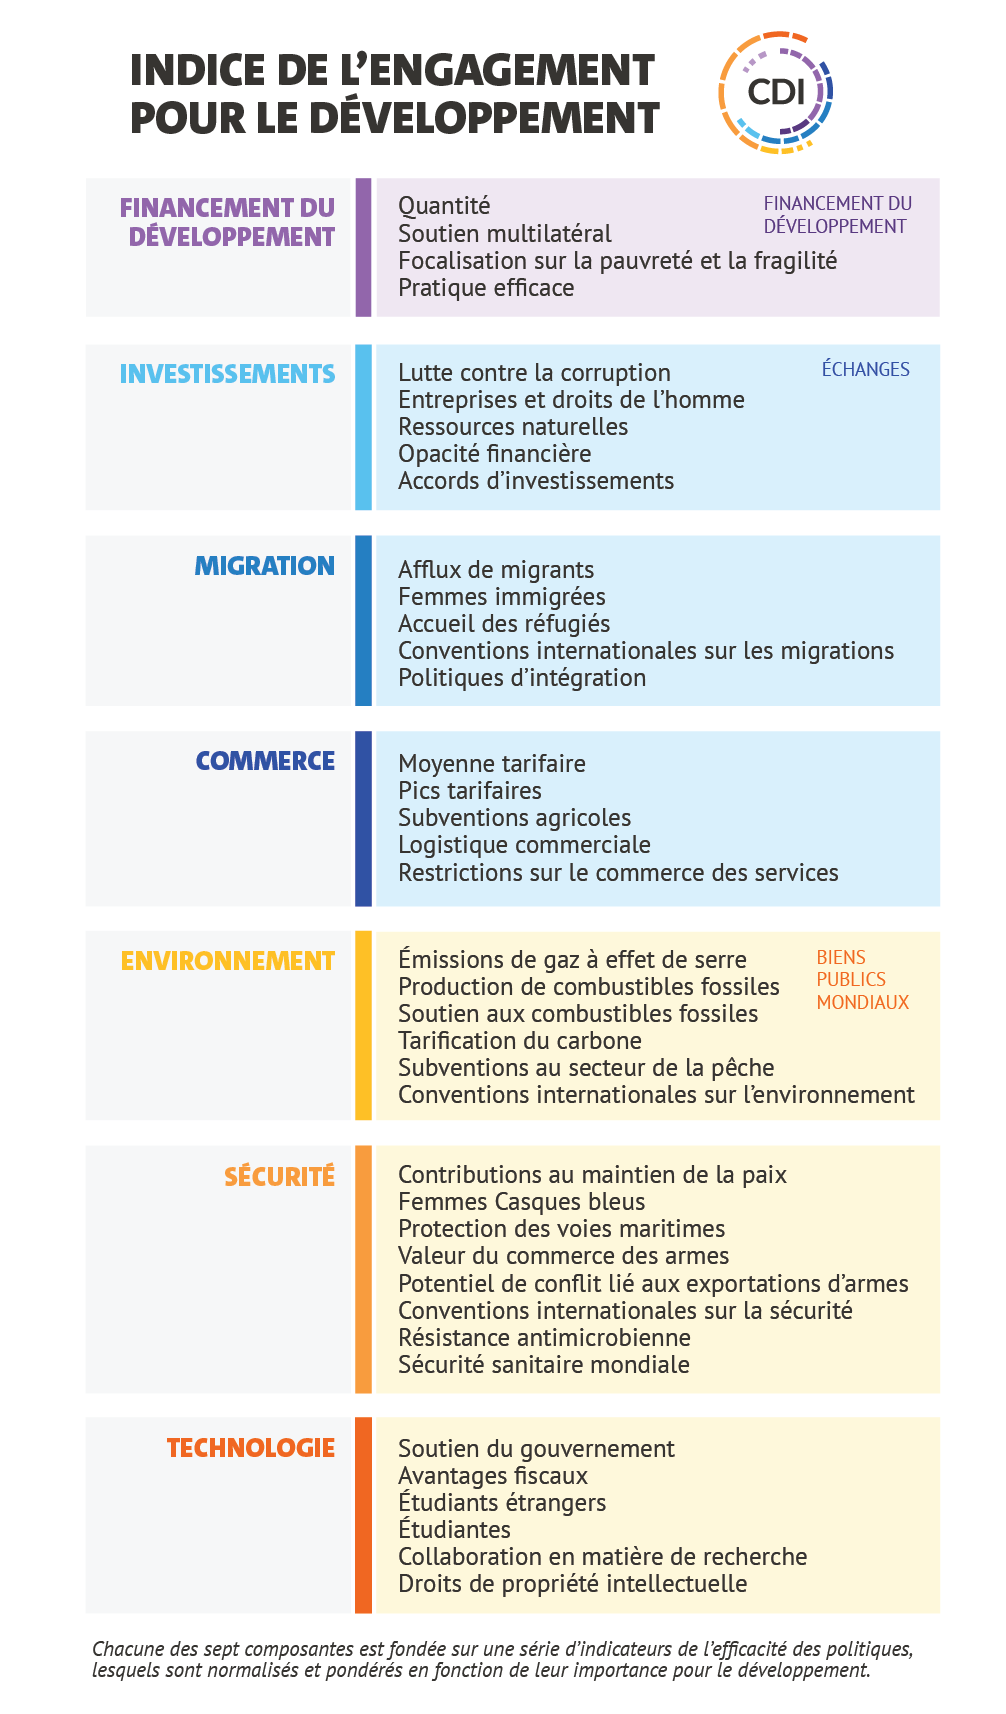 Indice de l'engagement pour le développement 2020 - Organogram